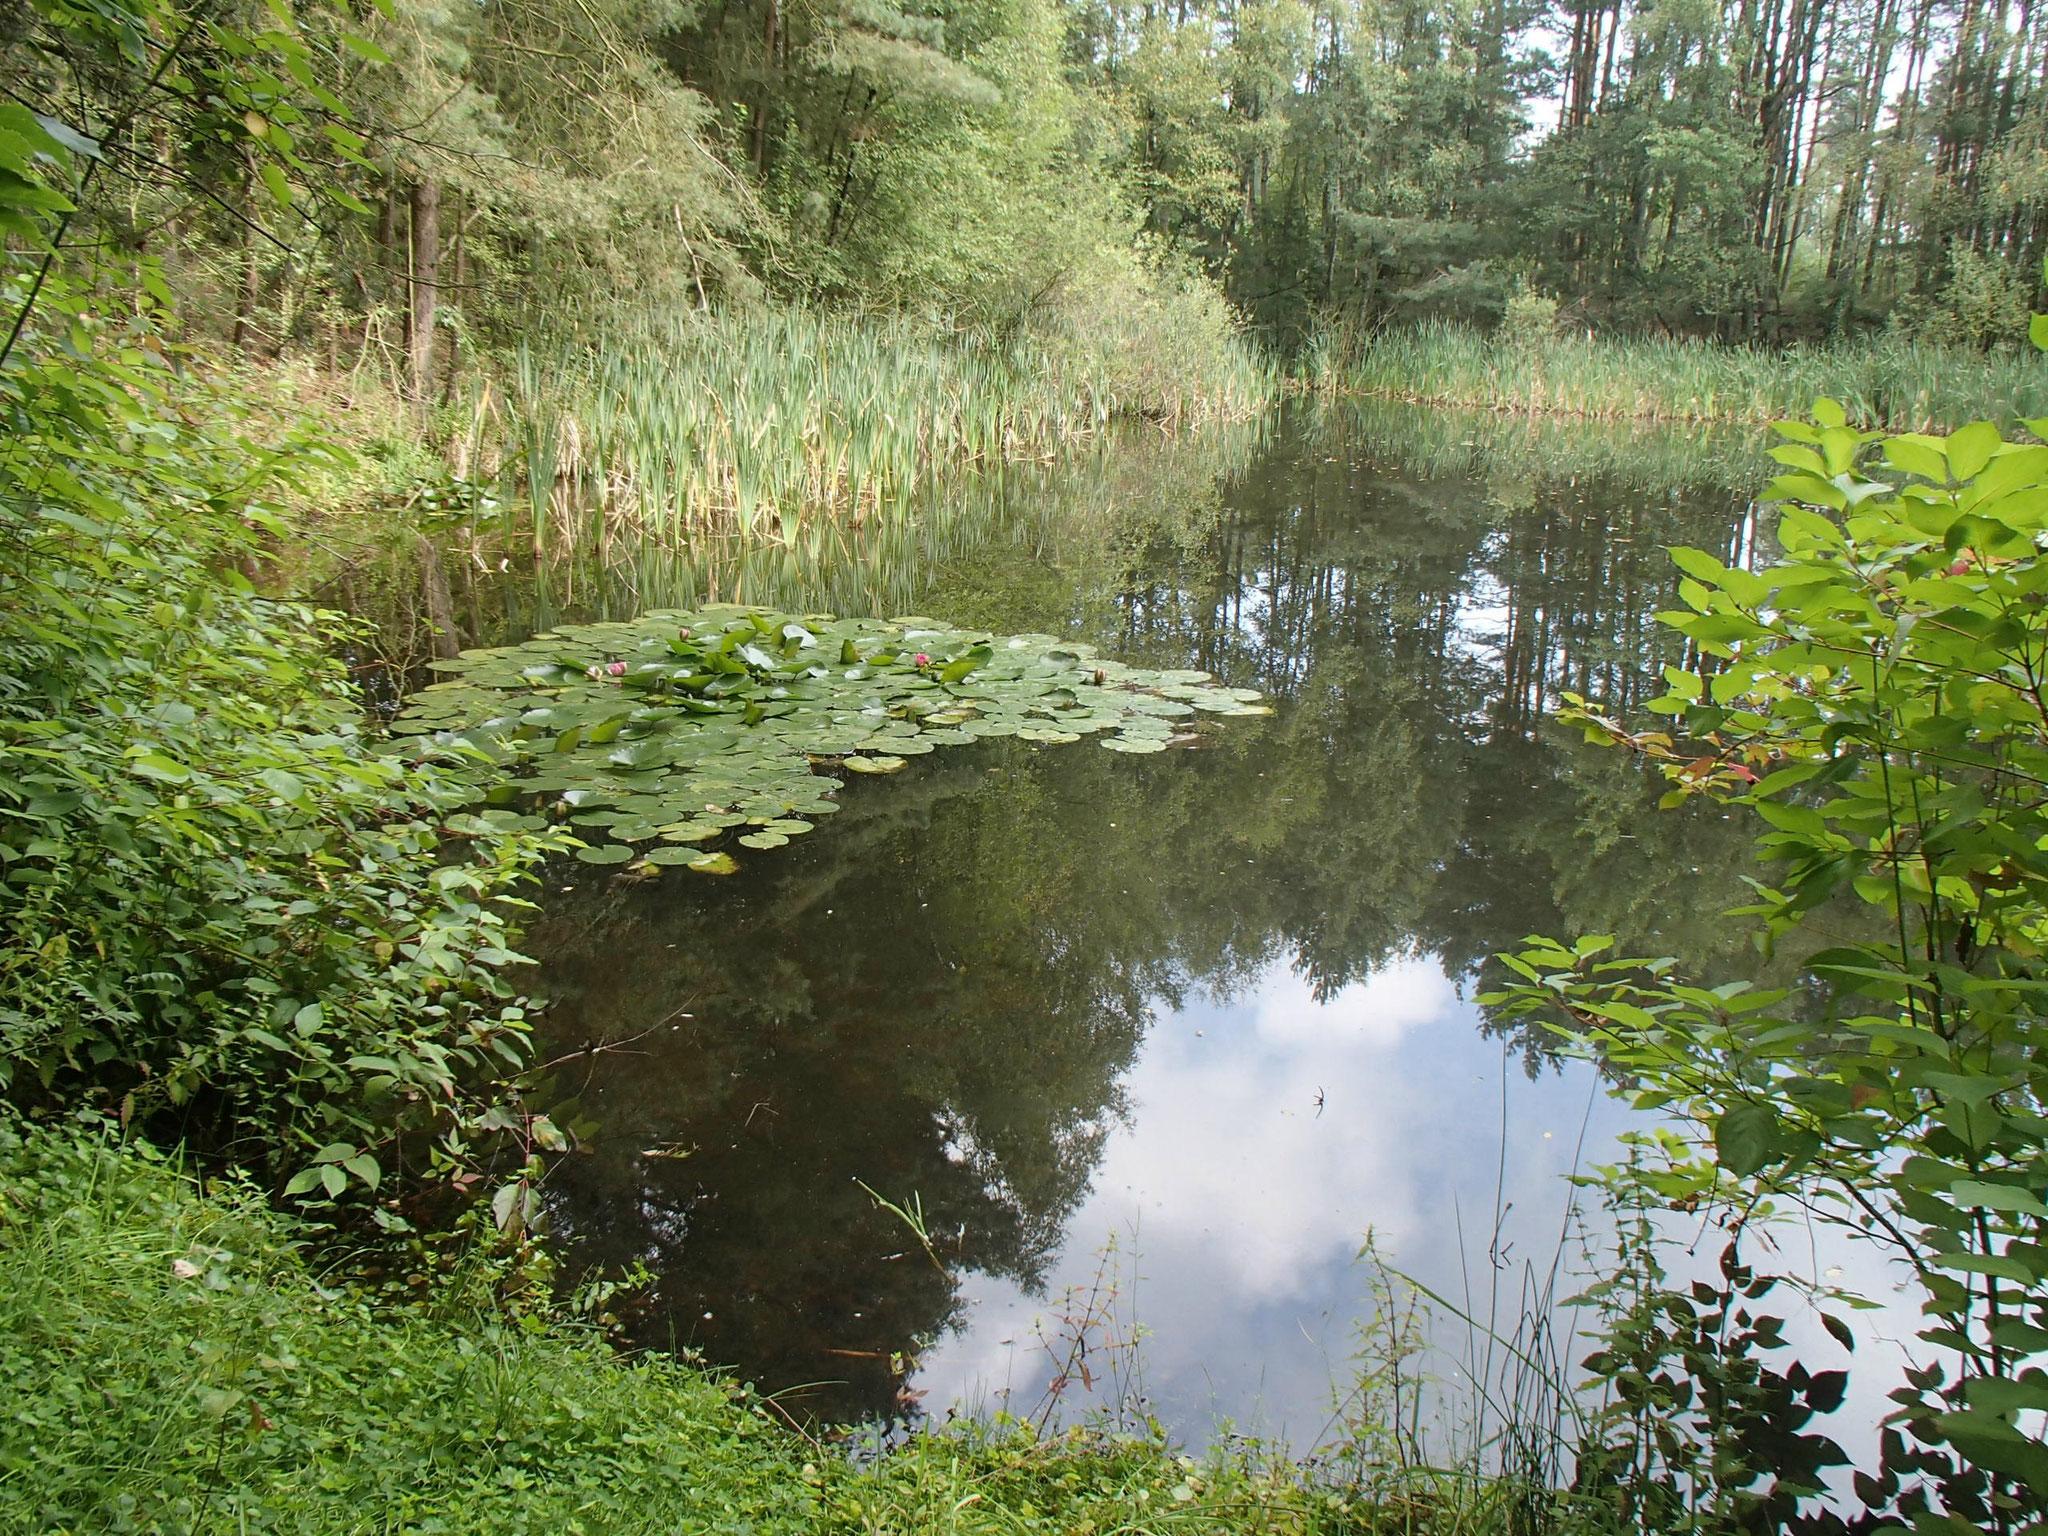 01 An diesem idyllischen Gewässer wollen wir unseren Wassertest durchführen.